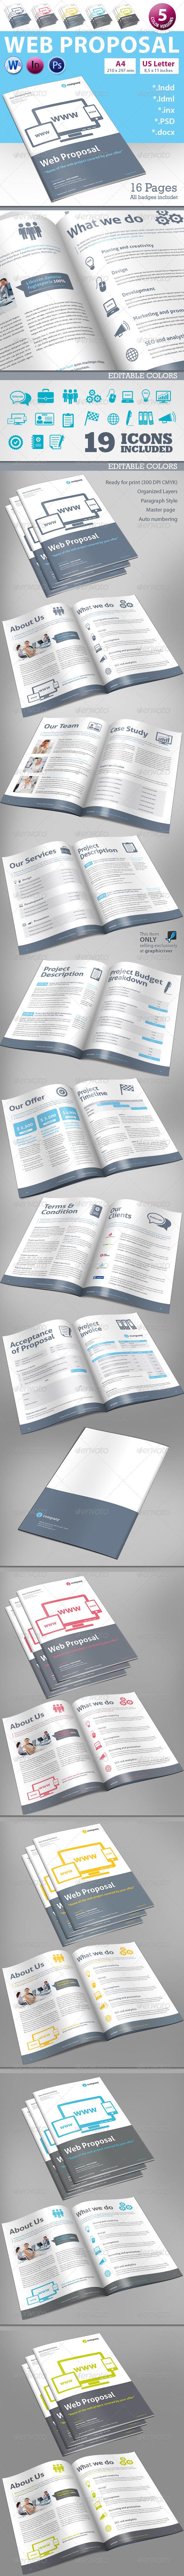 GraphicRiver Web Design Proposal Vol 1 5736632